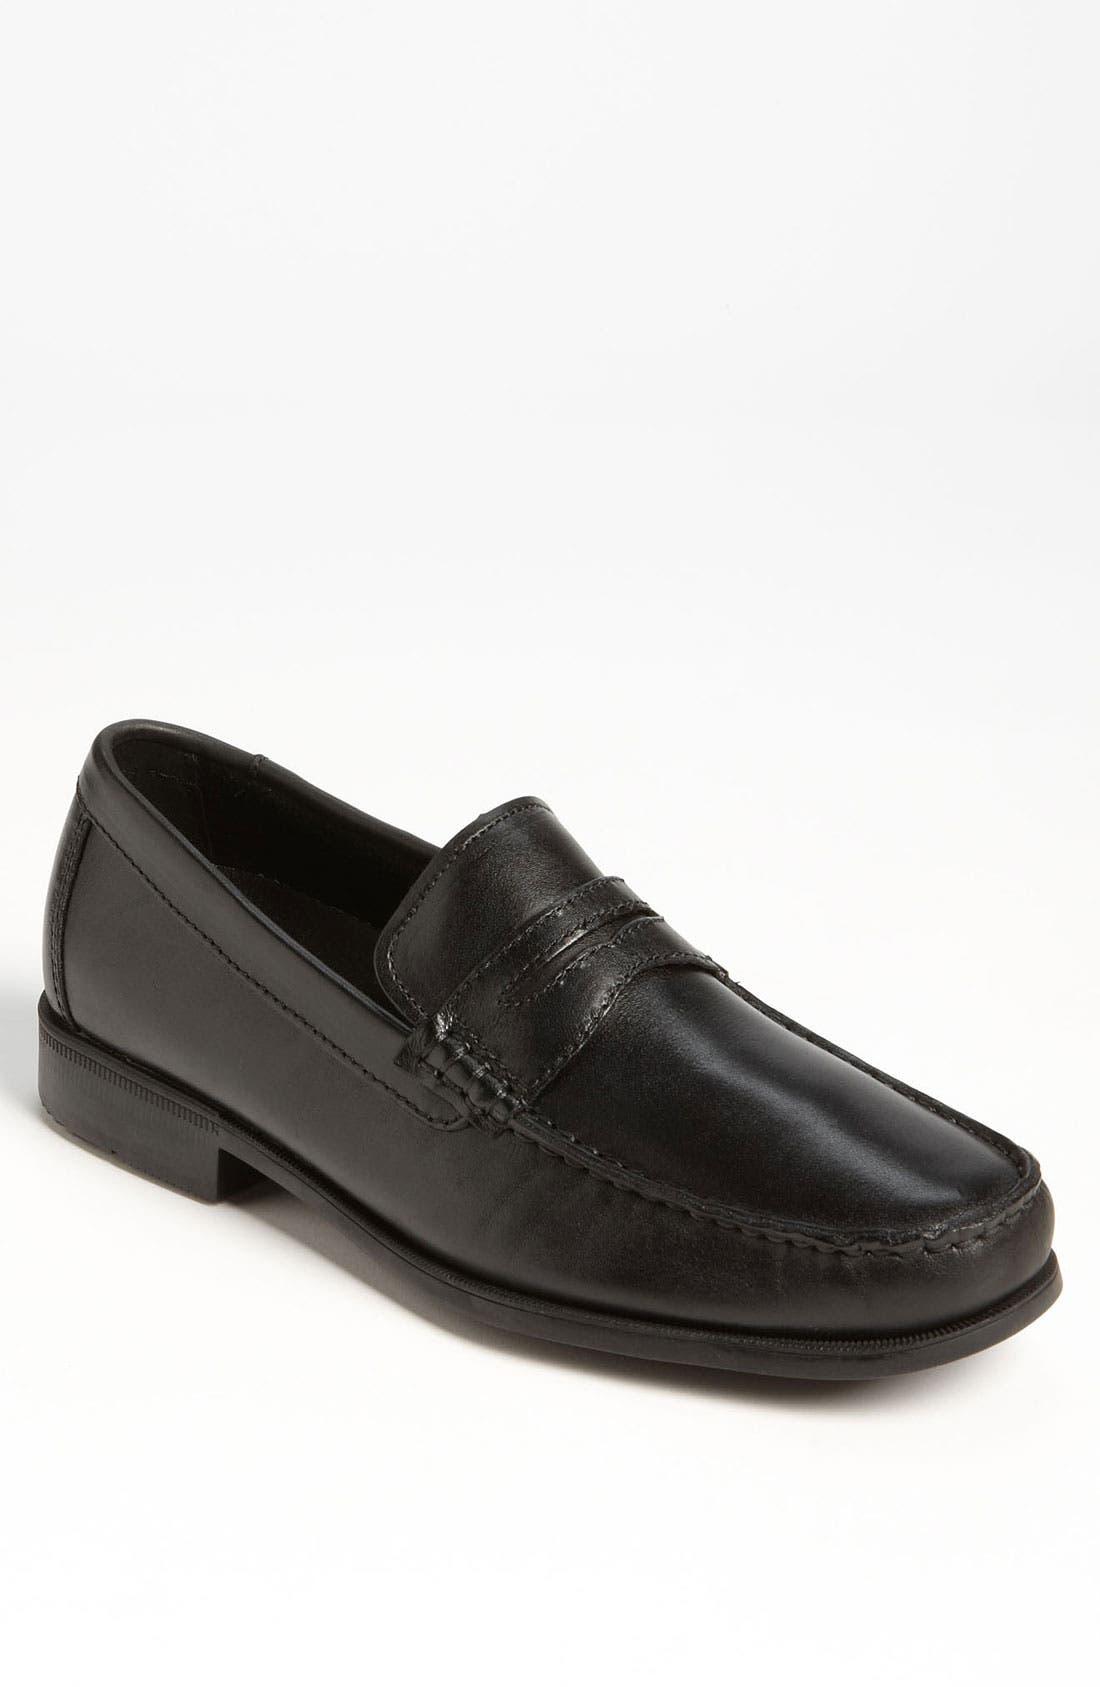 Alternate Image 1 Selected - Sebago 'Back Bay Classic' Loafer (Online Only)